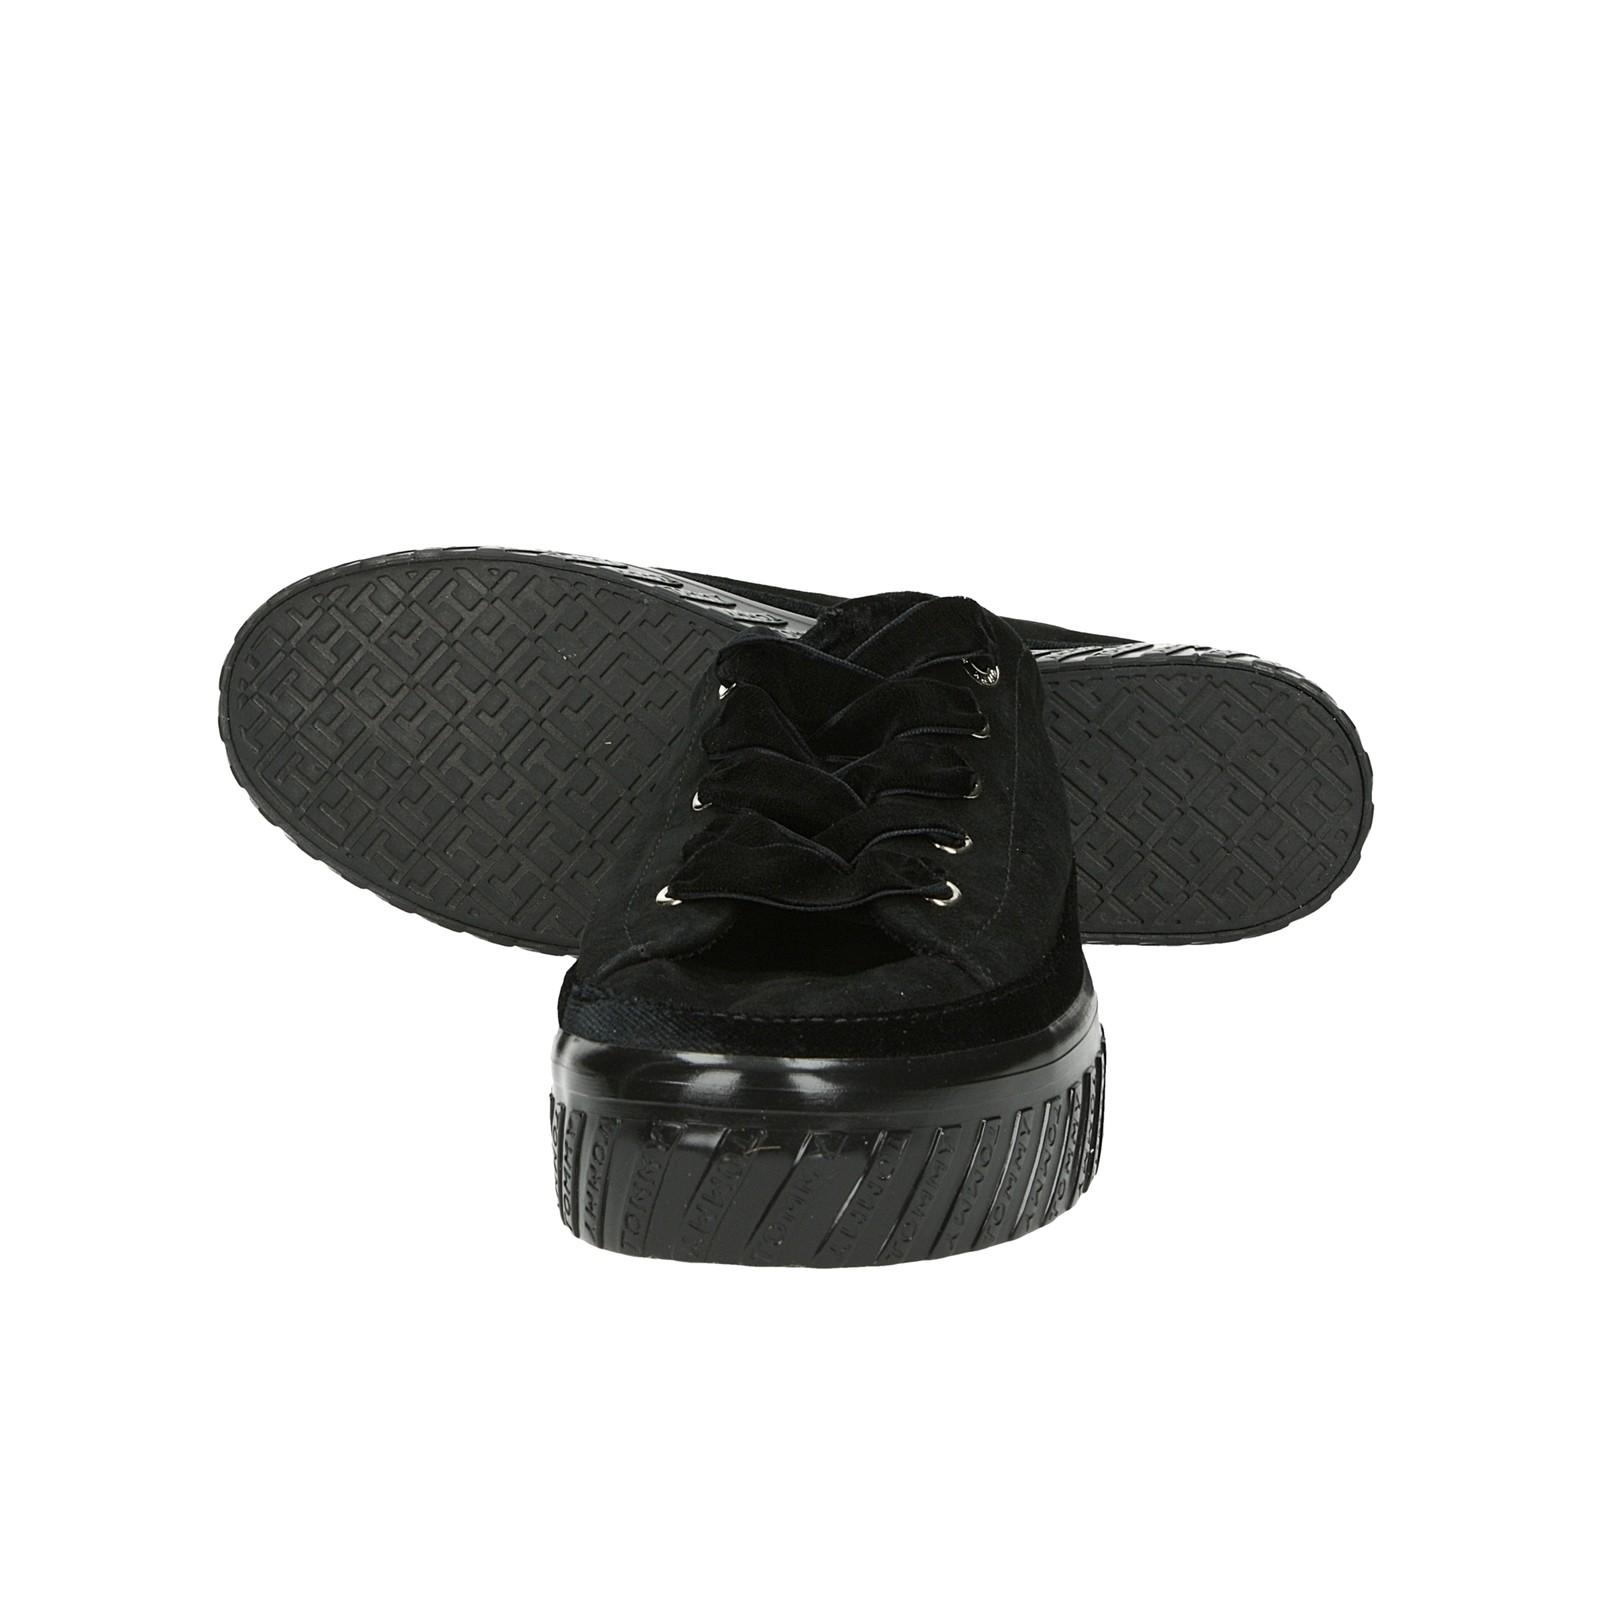 Tommy Hilfiger dámske štýlové tenisky - čierne